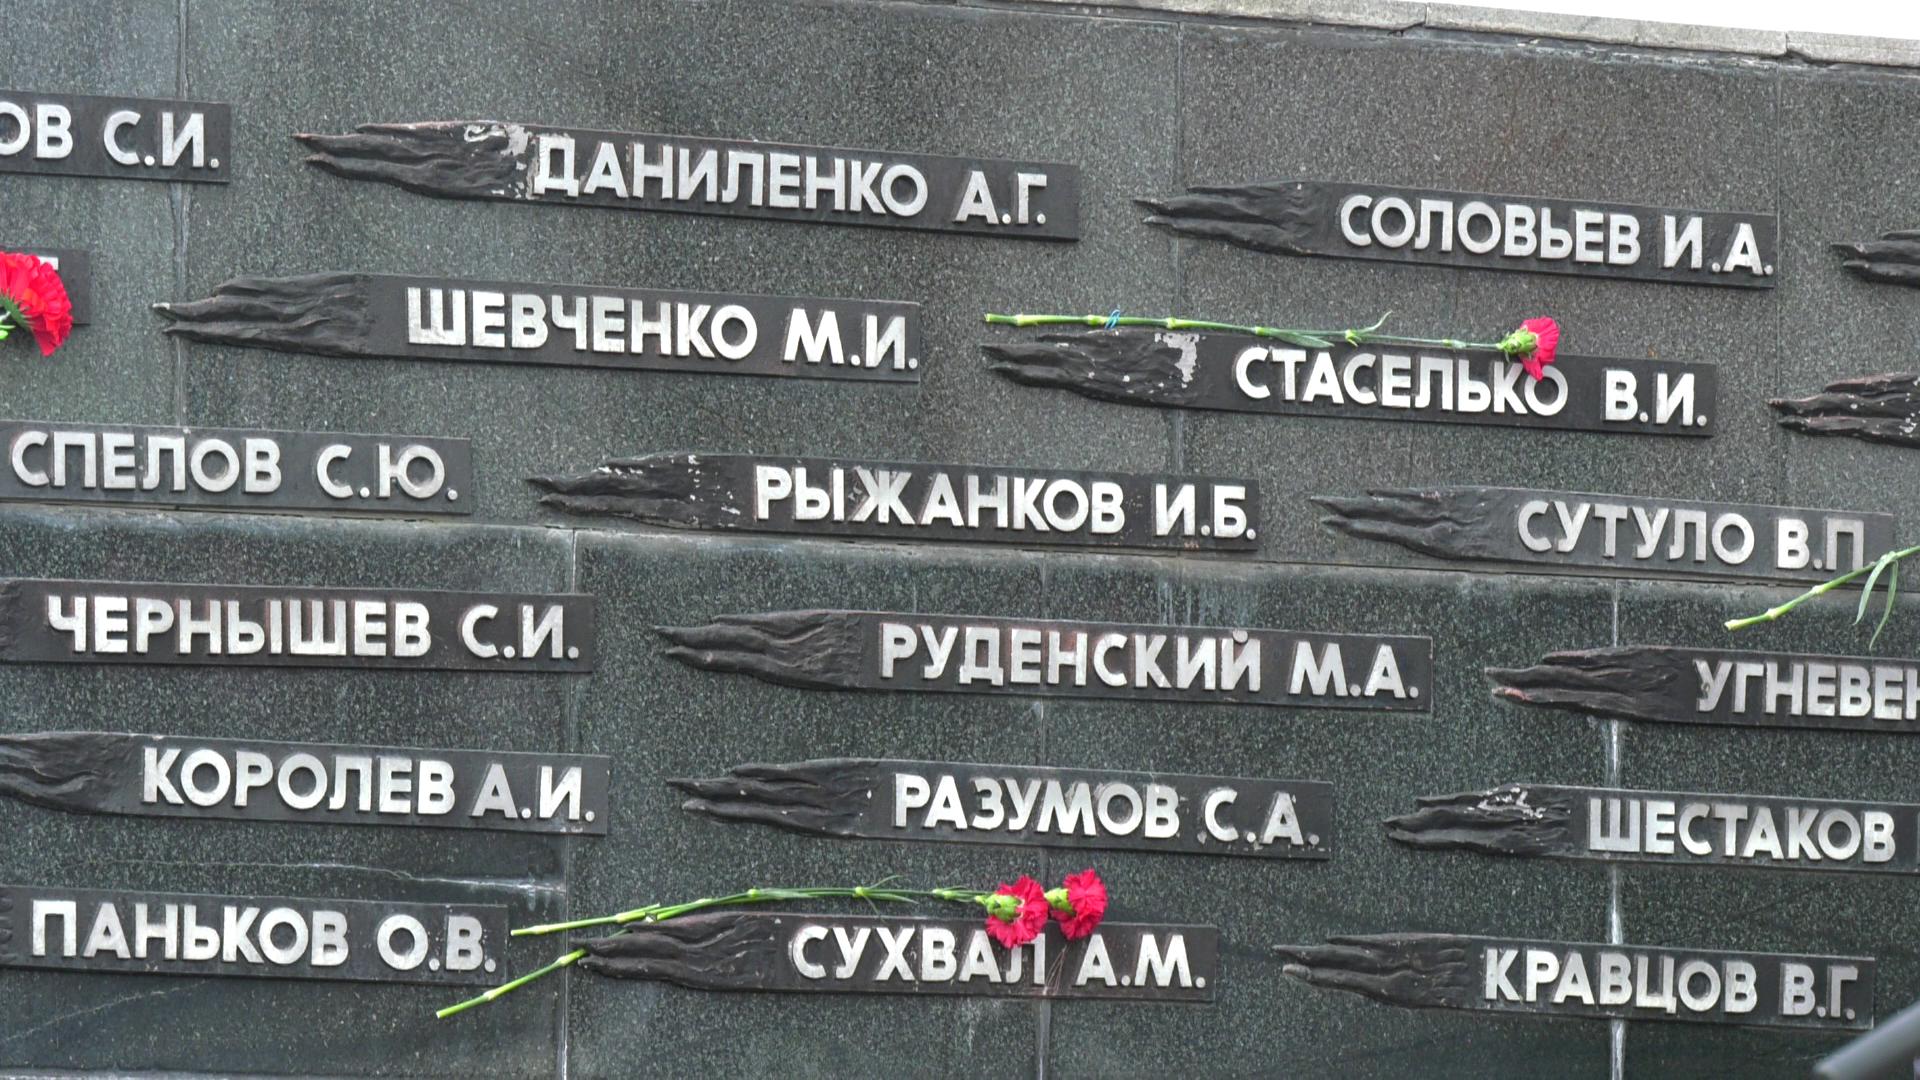 voiny internacionalisty - В Витебске почтили память погибших в Афганистане белорусов (видео)